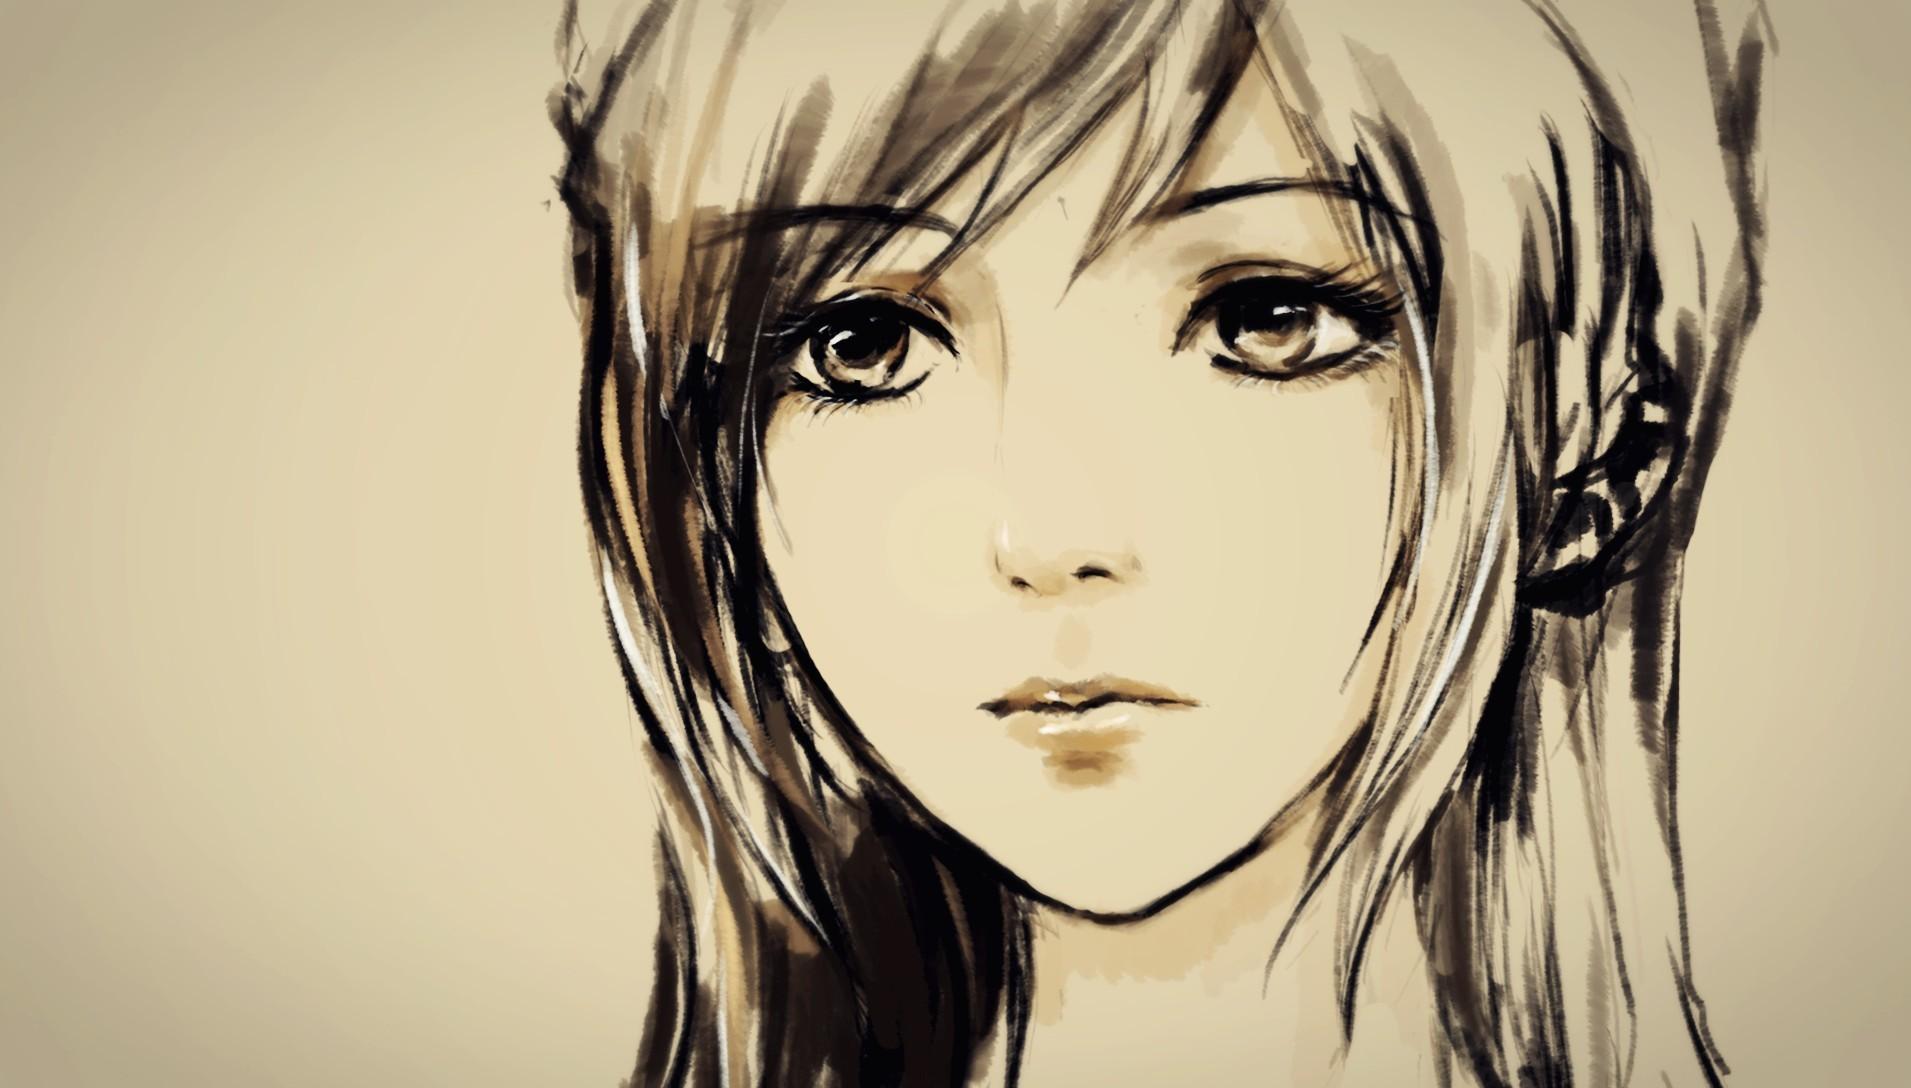 动漫人物图片手绘铅笔